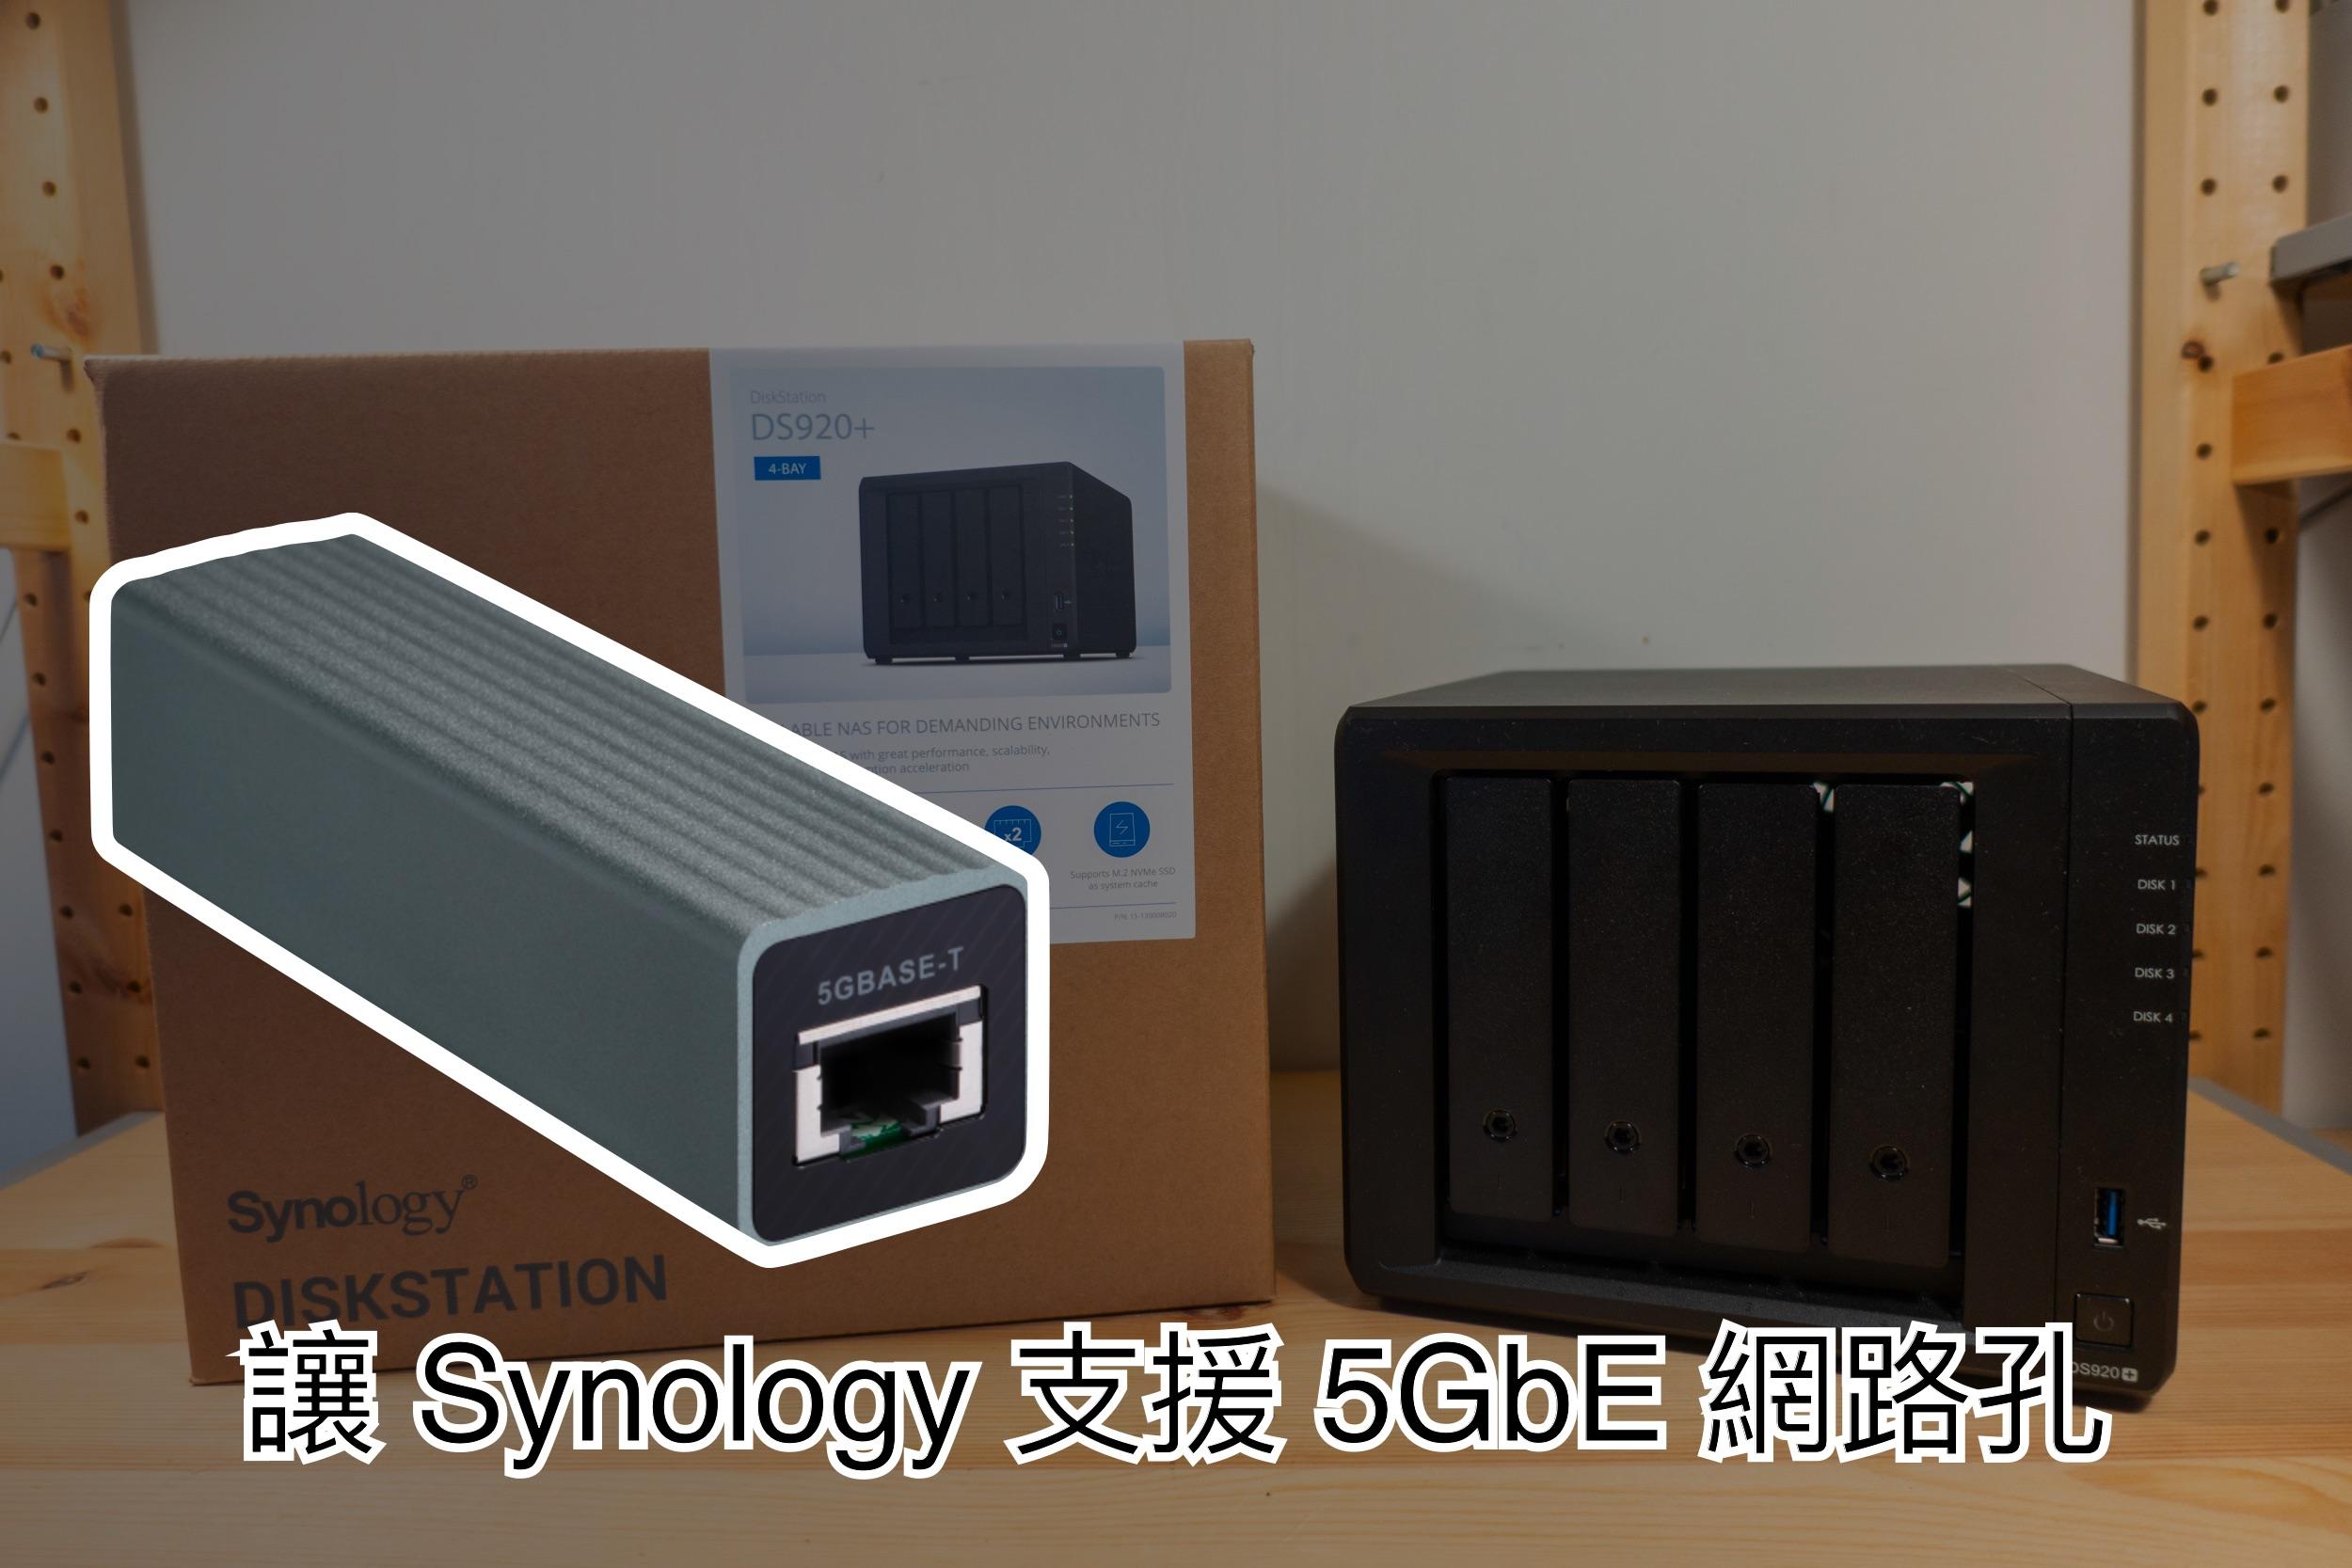 [教學] 幫 Synology DS920+ / DiskStation 家用系列啟用 5G 網路